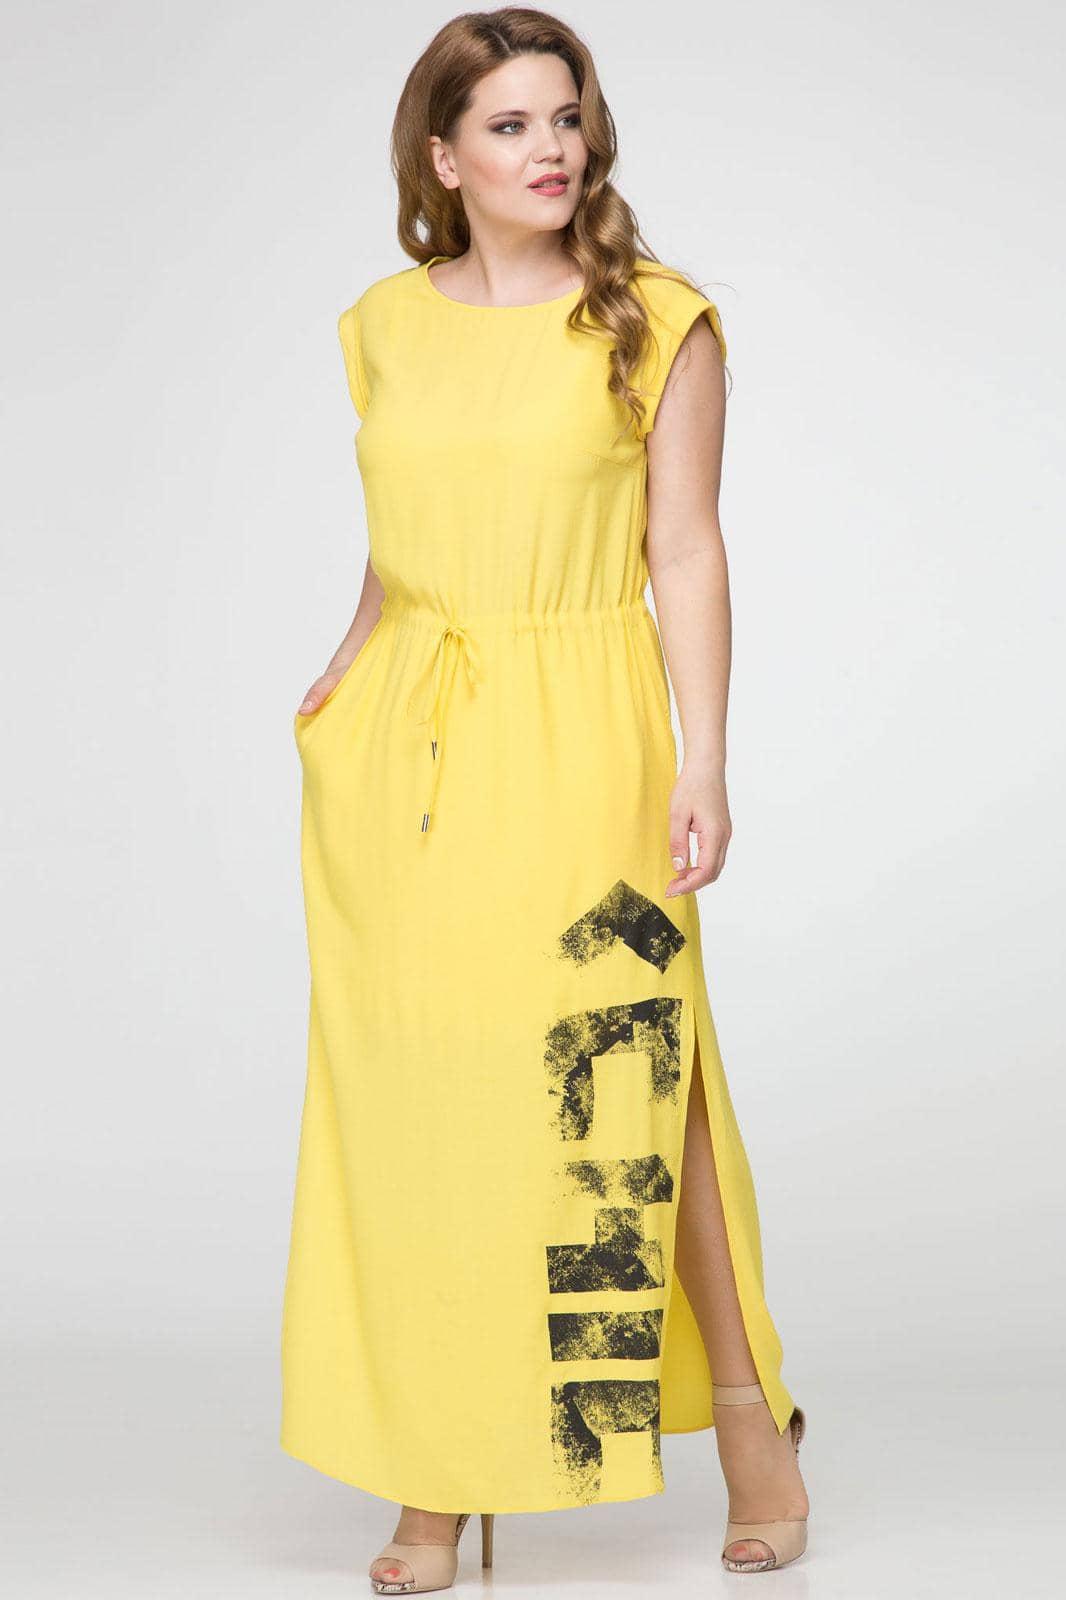 Платье Panda 380080 желтый - фото 1